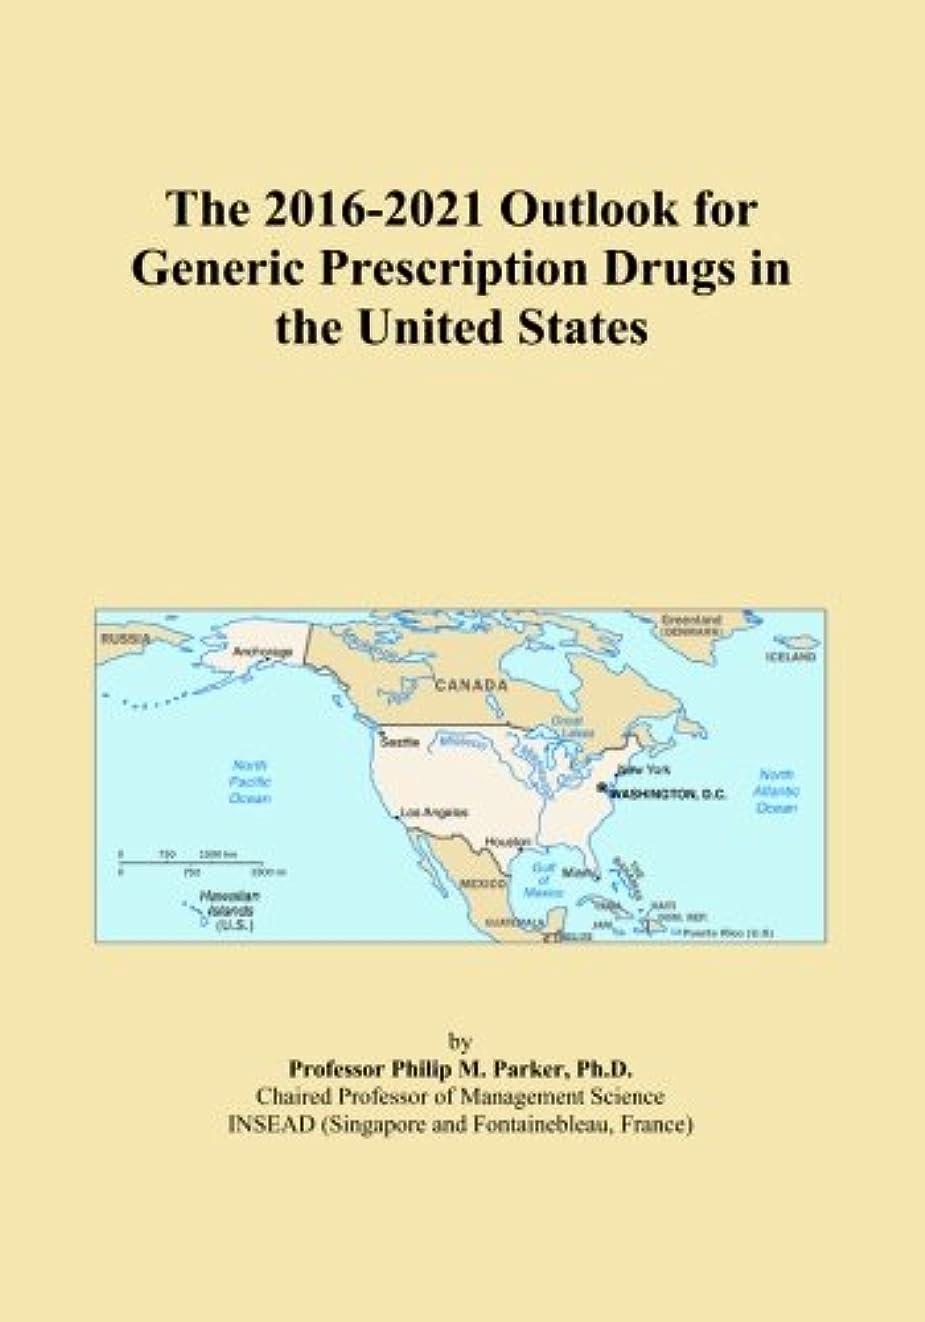 質量インシデント時The 2016-2021 Outlook for Generic Prescription Drugs in the United States